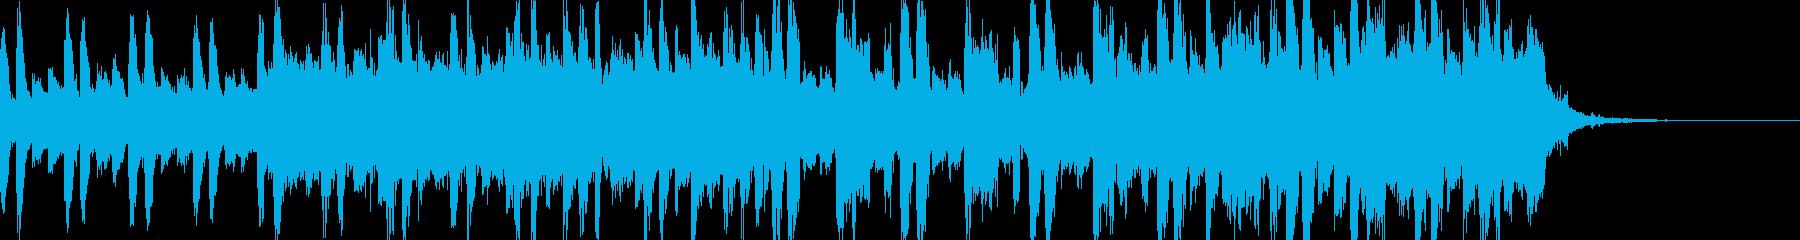 重い雰囲気のシンセサウンド30秒の再生済みの波形